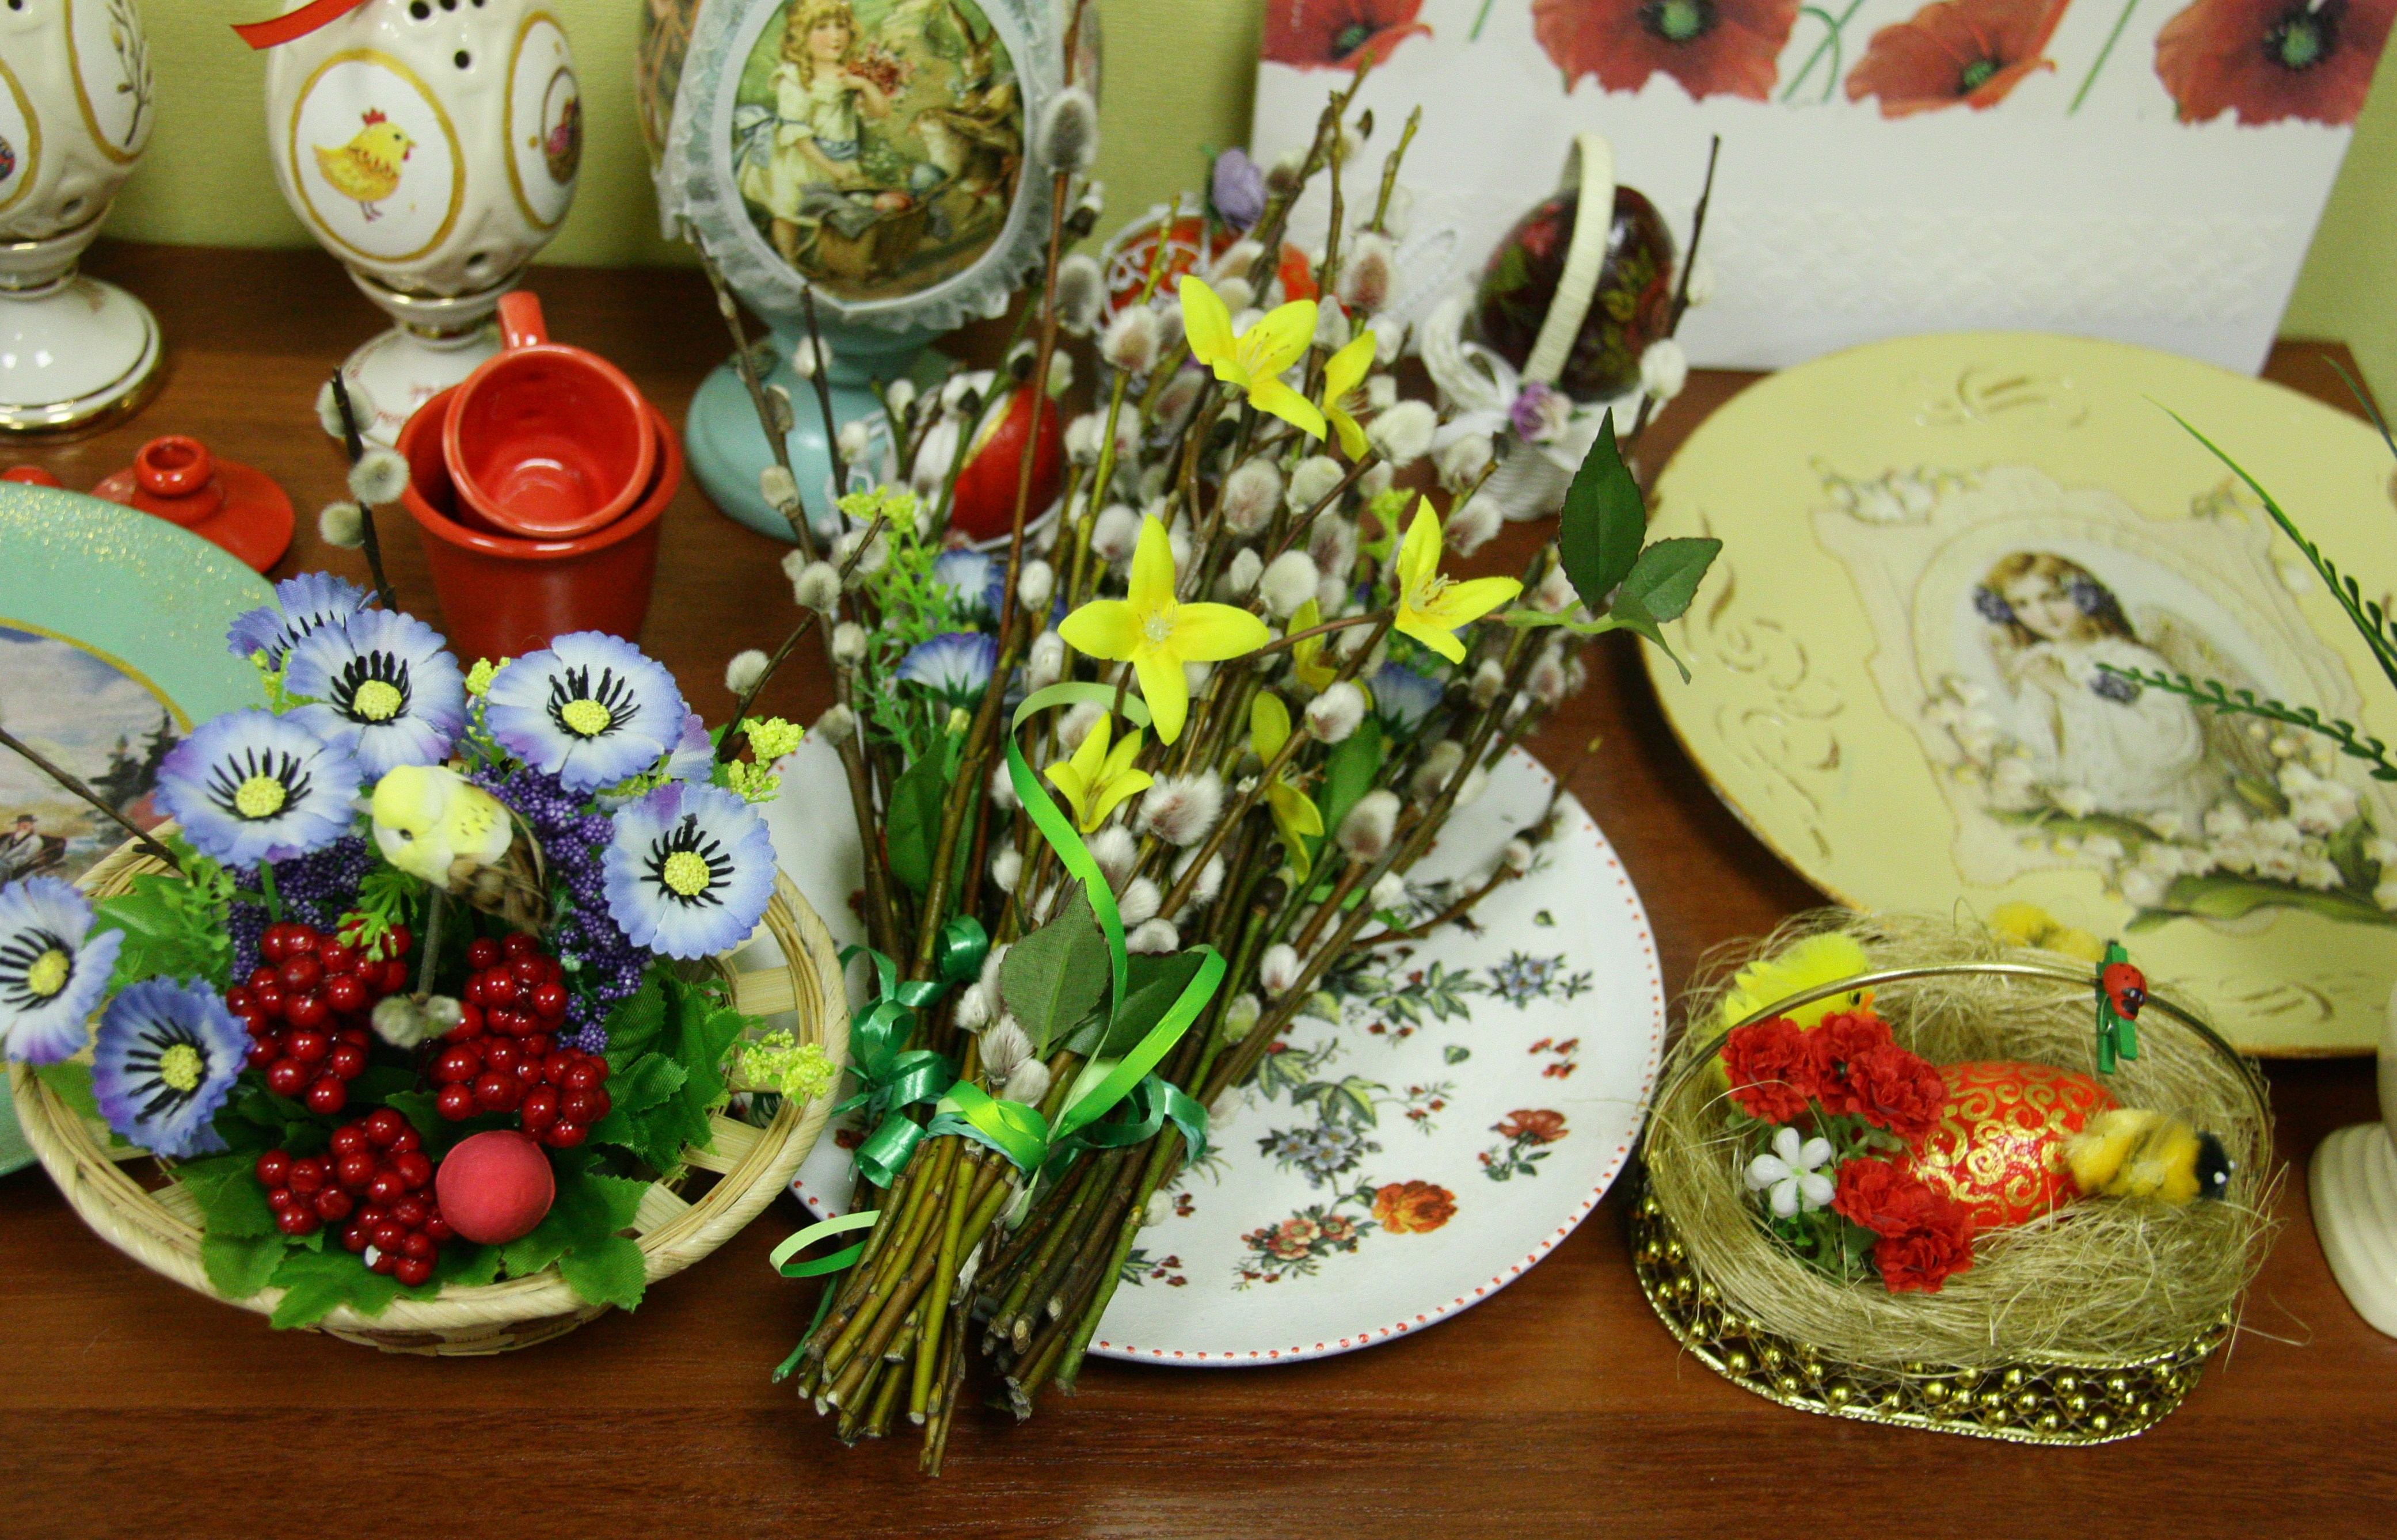 Сб, 20 апреля, Наш дом: приглашаем на Пасхальную выставку!